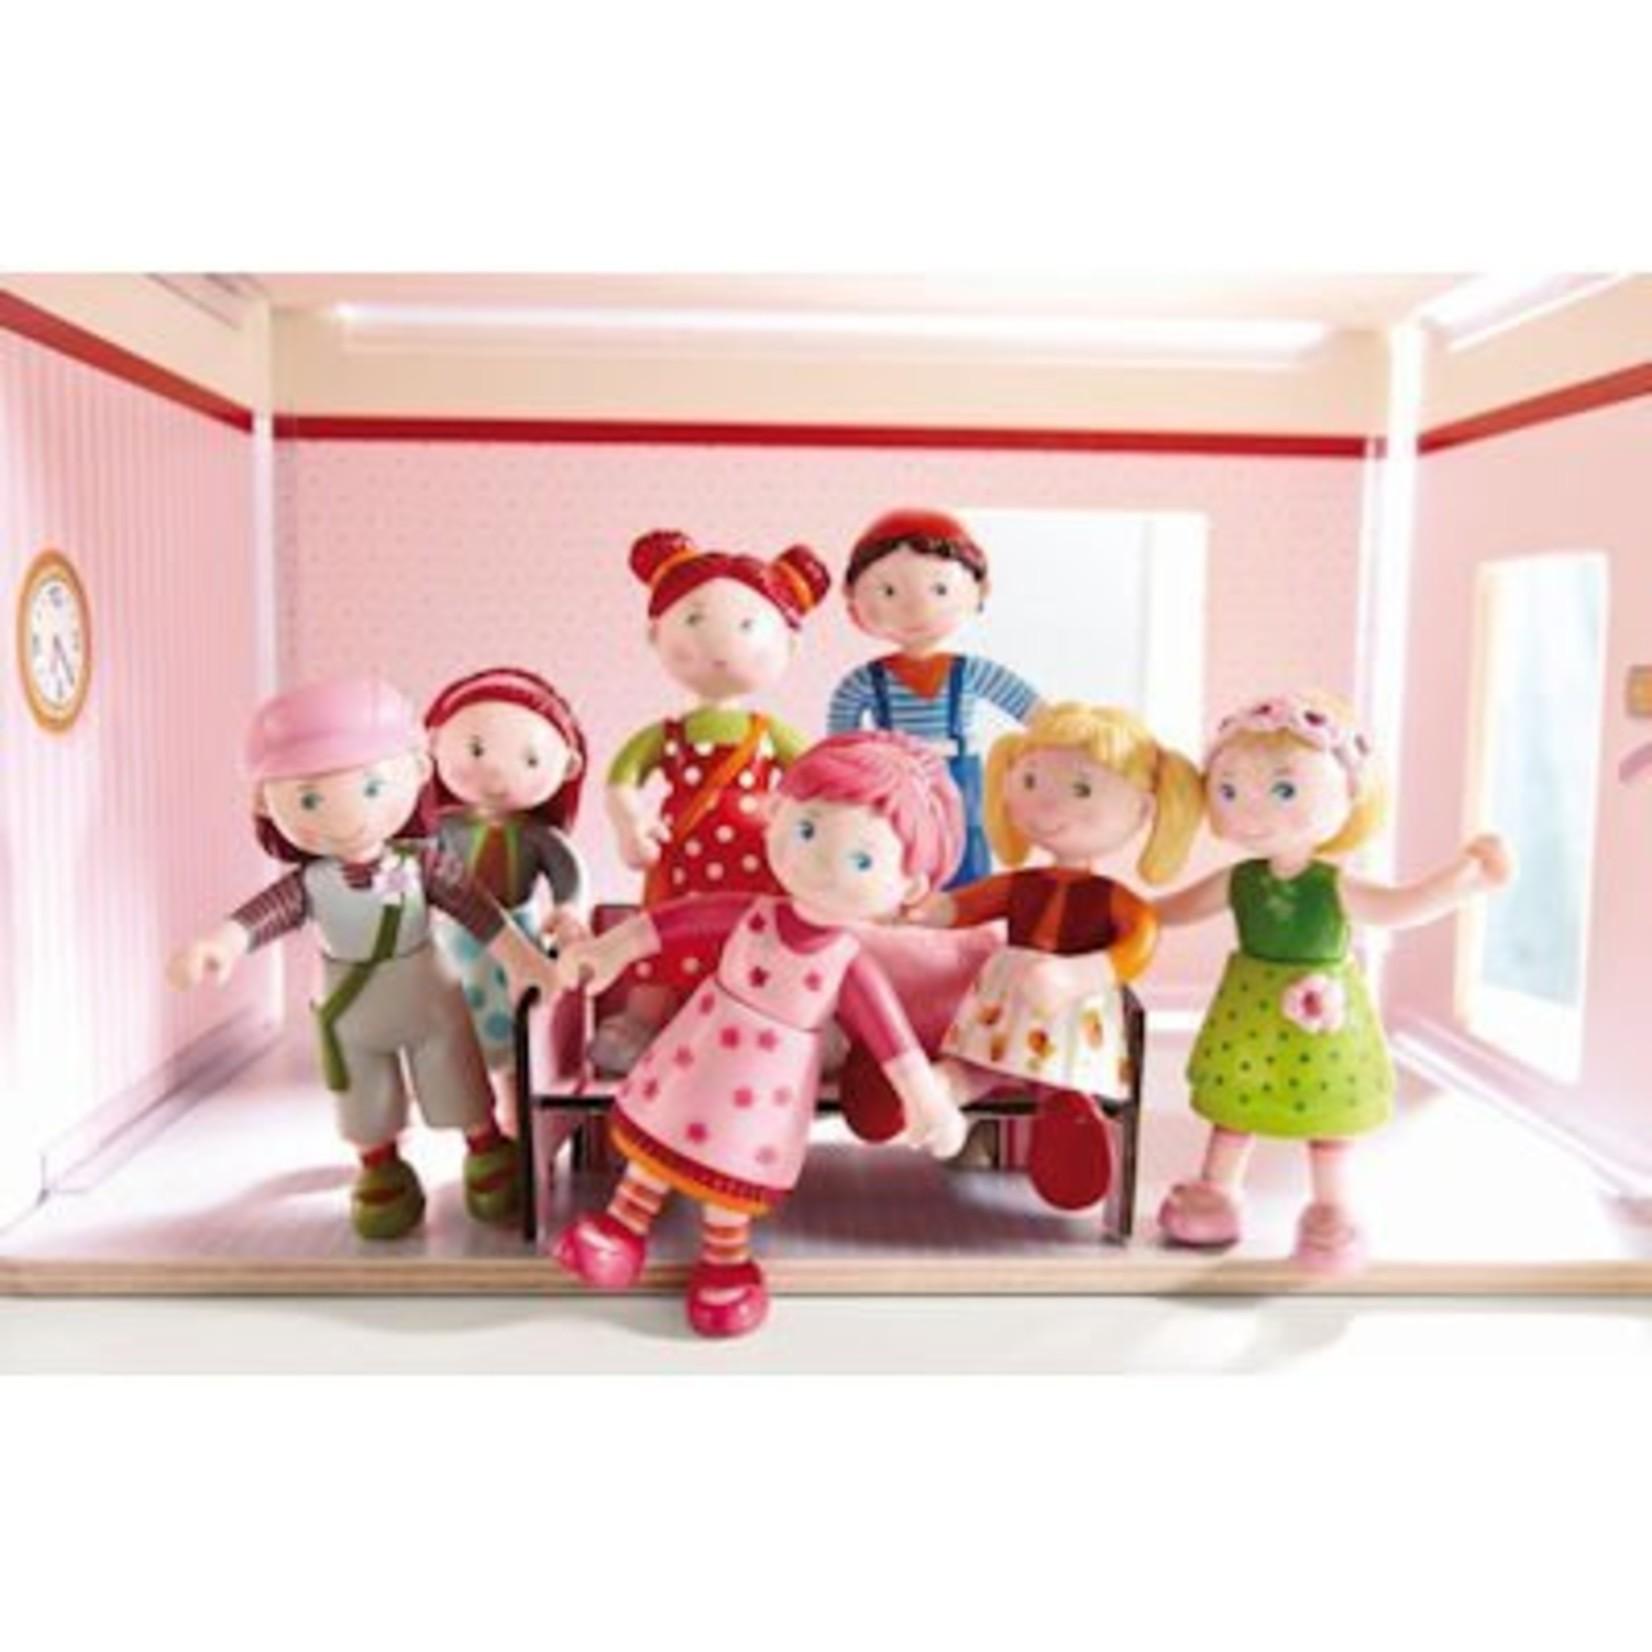 Haba Little Friends buigbaar poppenhuispopje Matze